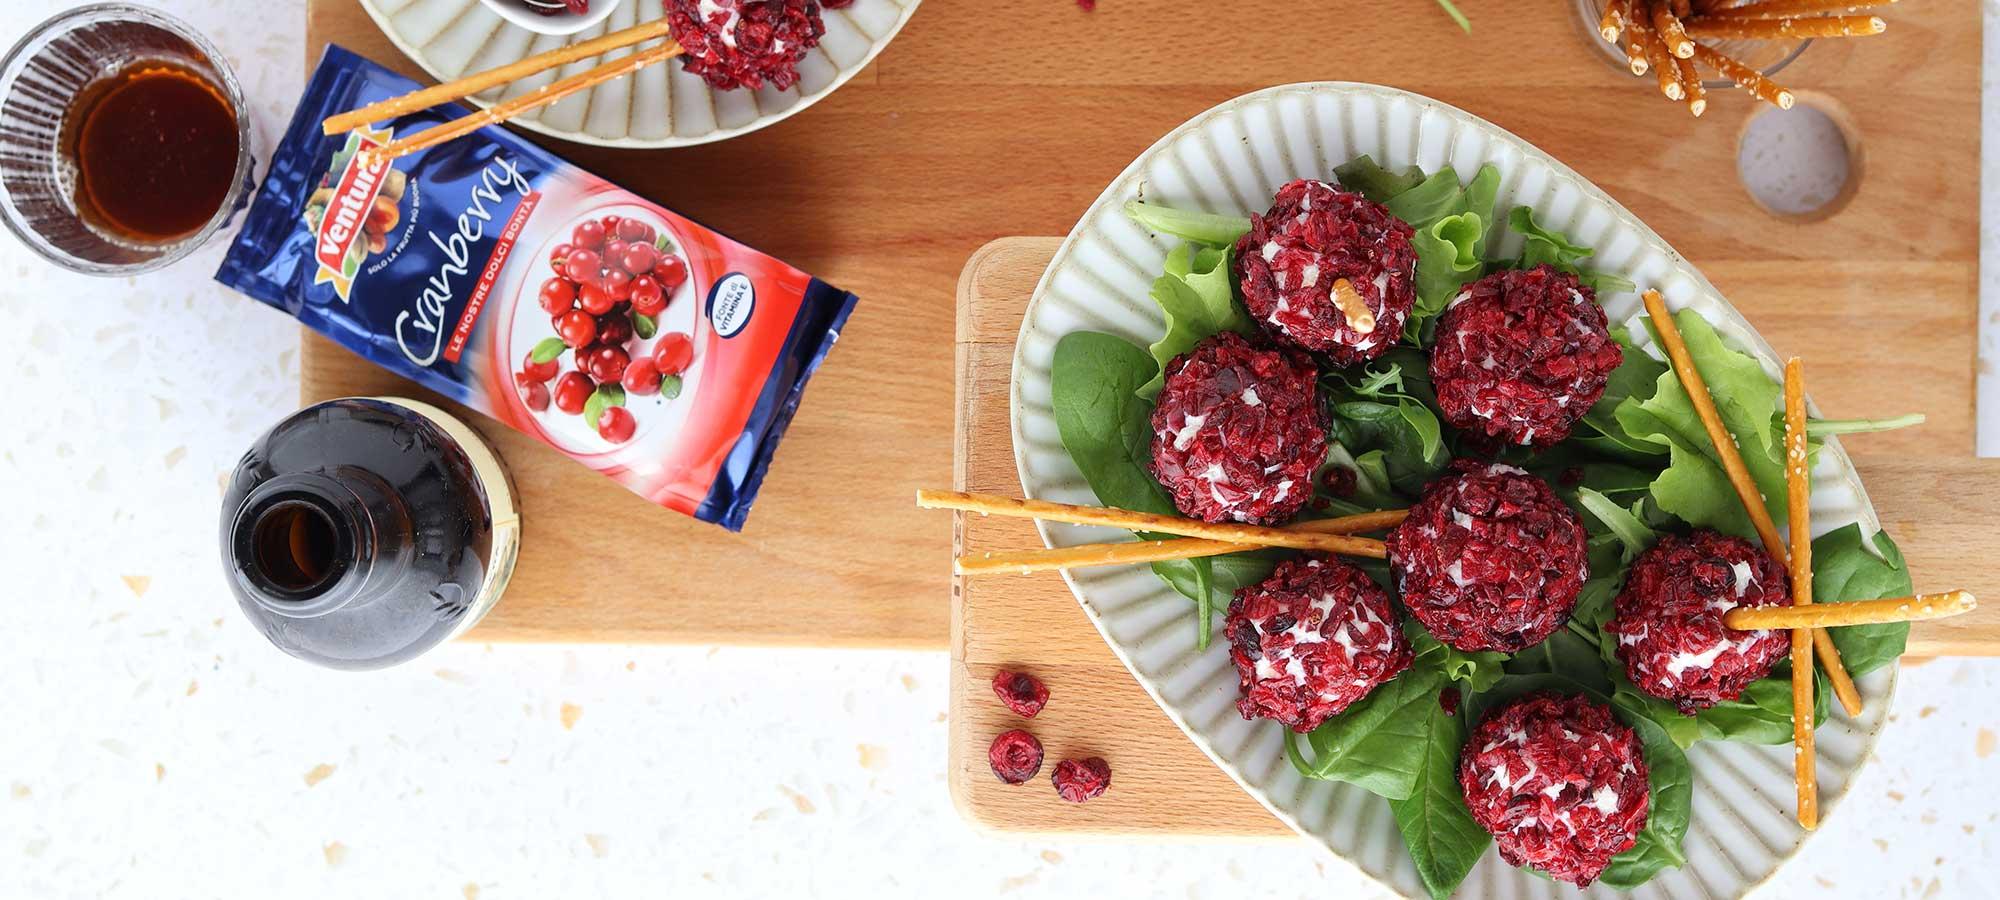 Tartufini salati veloci con cranberry Ventura